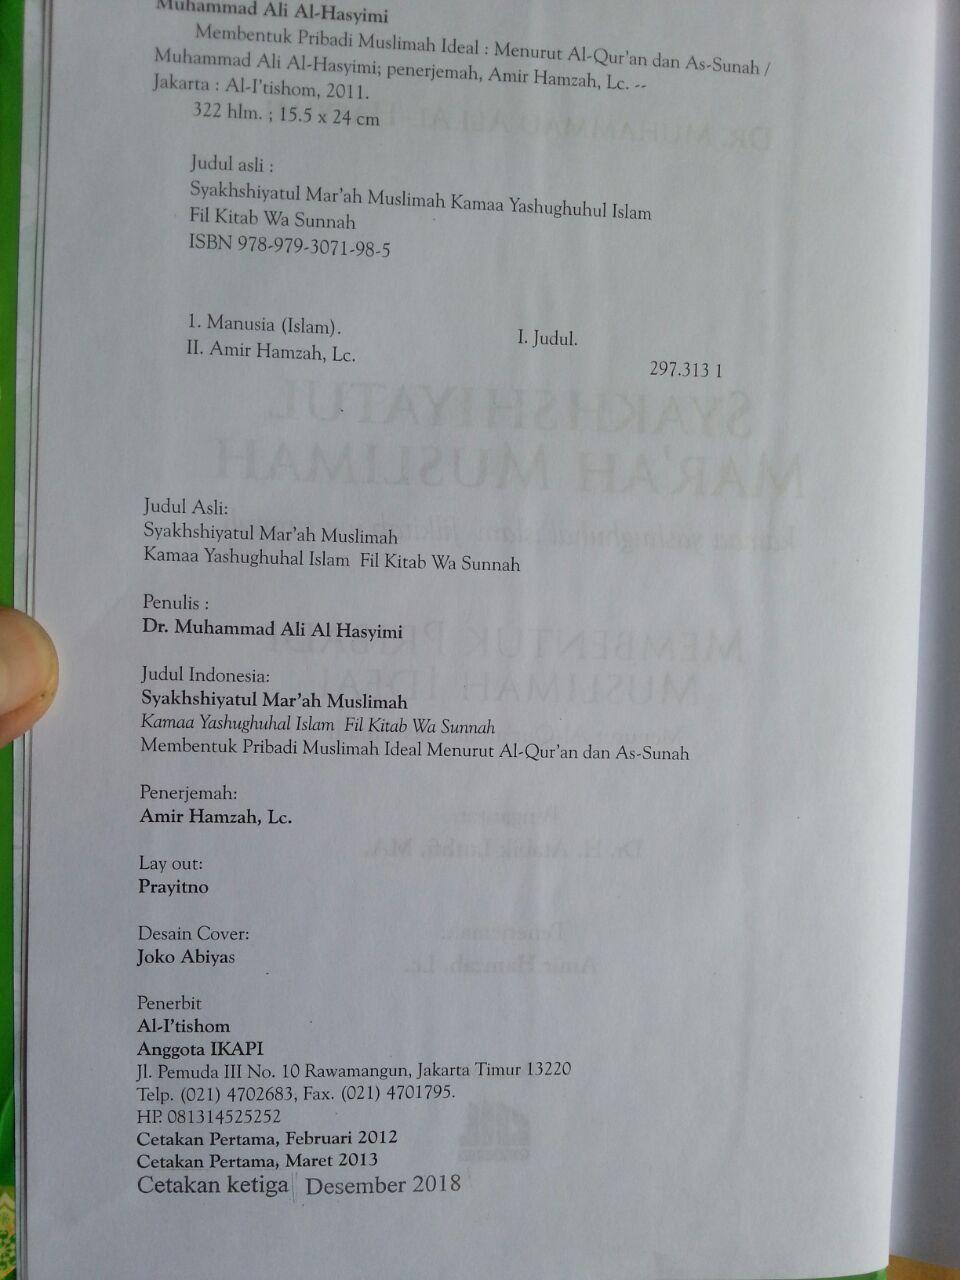 Buku Syakhshiyatul Mar'ah Al-Muslimah Membentuk Pribadi Muslimah Ideal isi 2